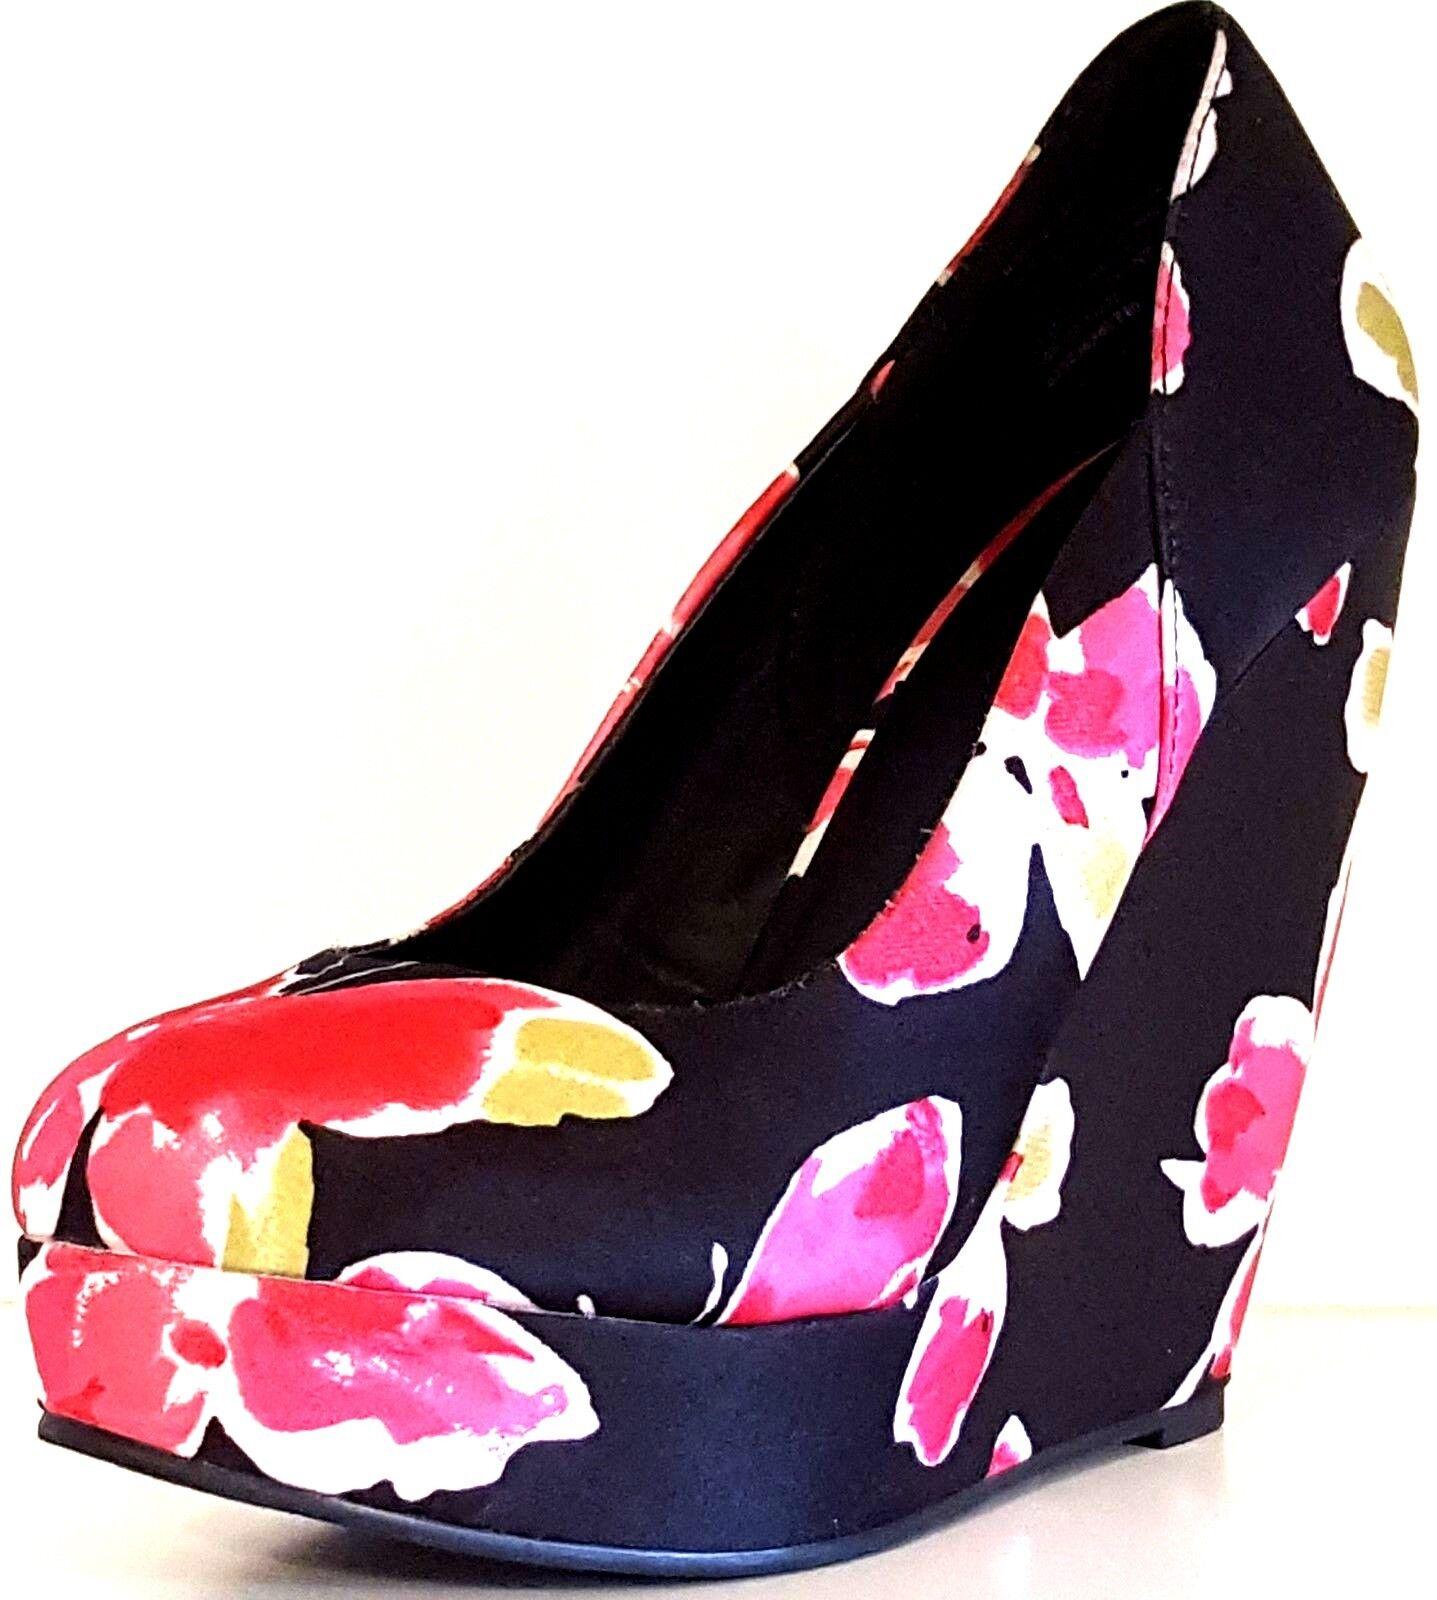 ELLE - ELJESSICA PRINT RN 73277 Women's Butterfly Textile Platform Wedges 8 MED